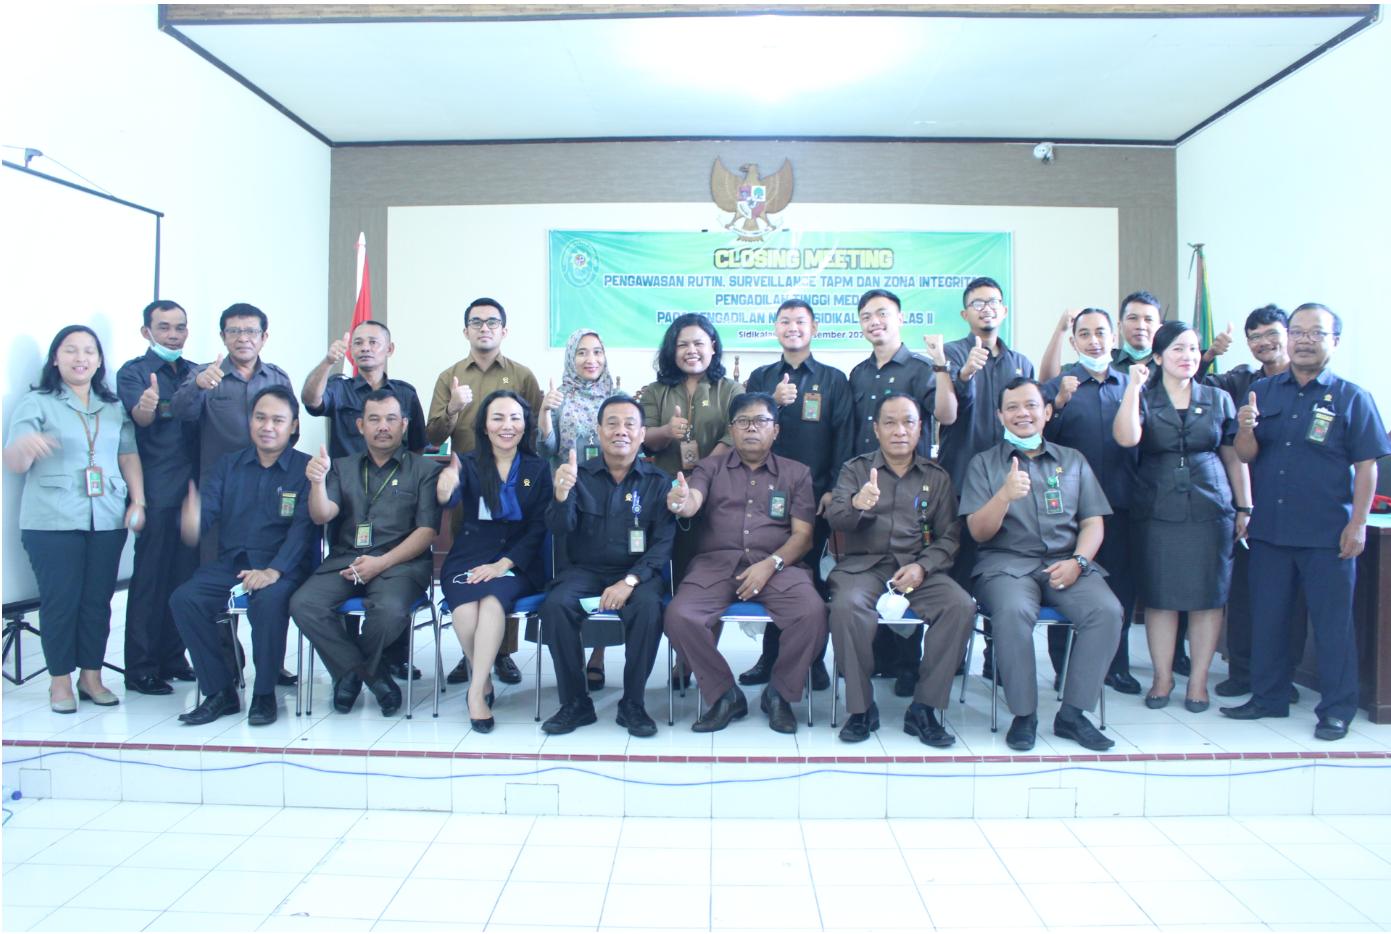 Closing Meeting Surveilan (TAPM), Zona Integritas (ZI) dan Pengawasan rutin Pengadilan Tinggi Medan pada Pengadilan Negeri Sidikalang